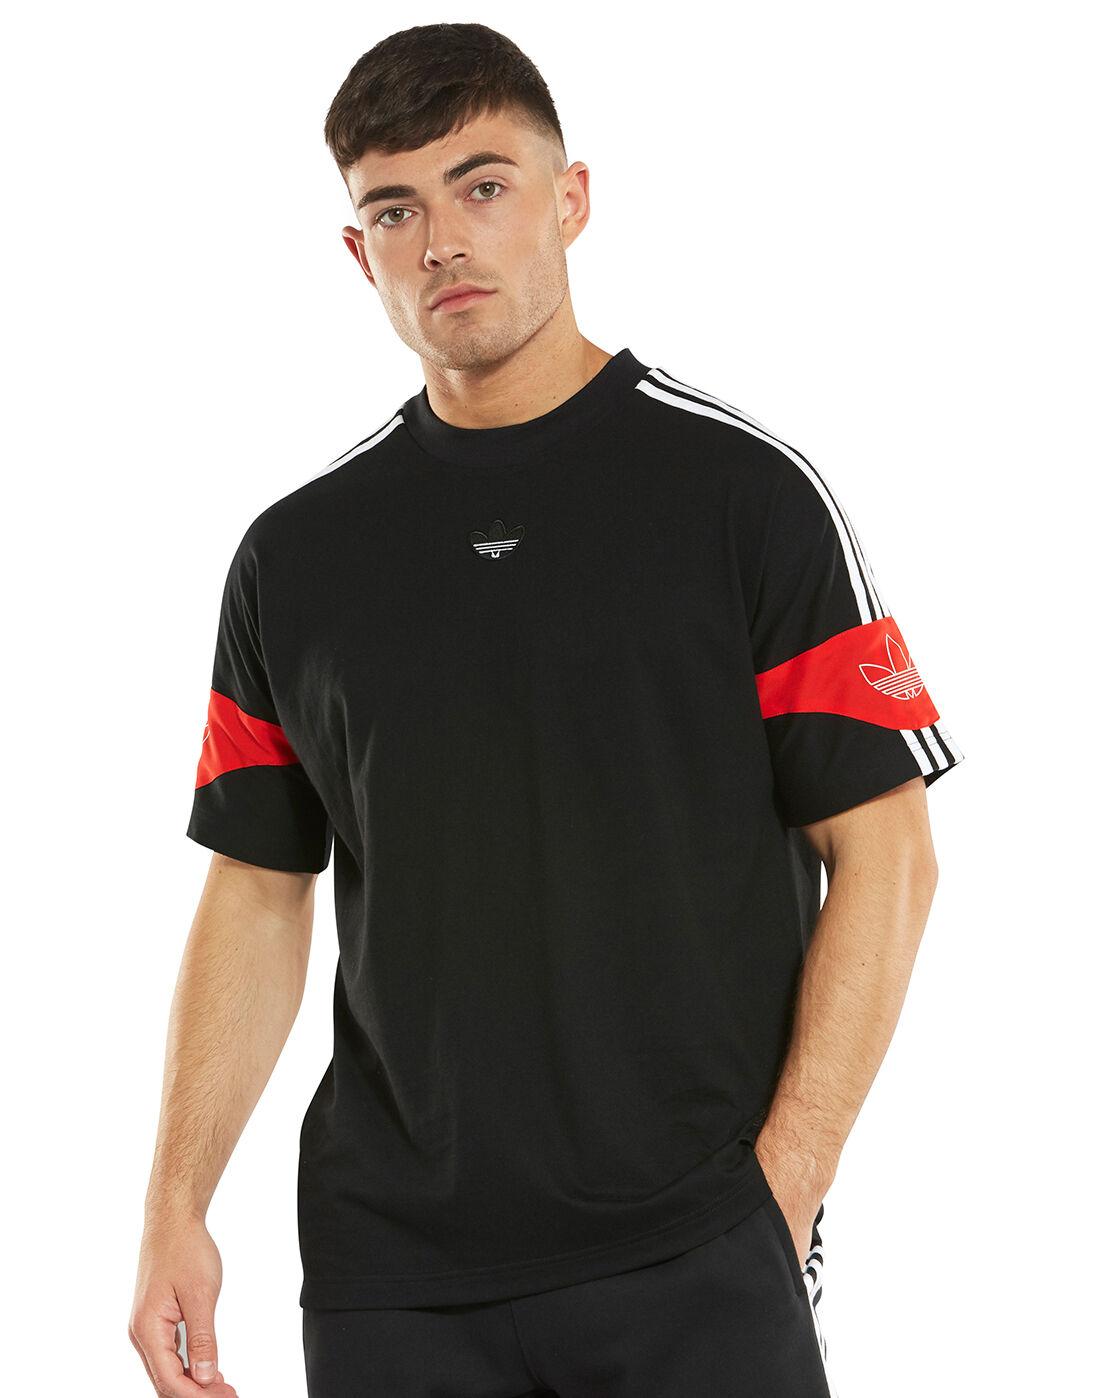 adidas Originals Mens Ts Trefoil T Shirt